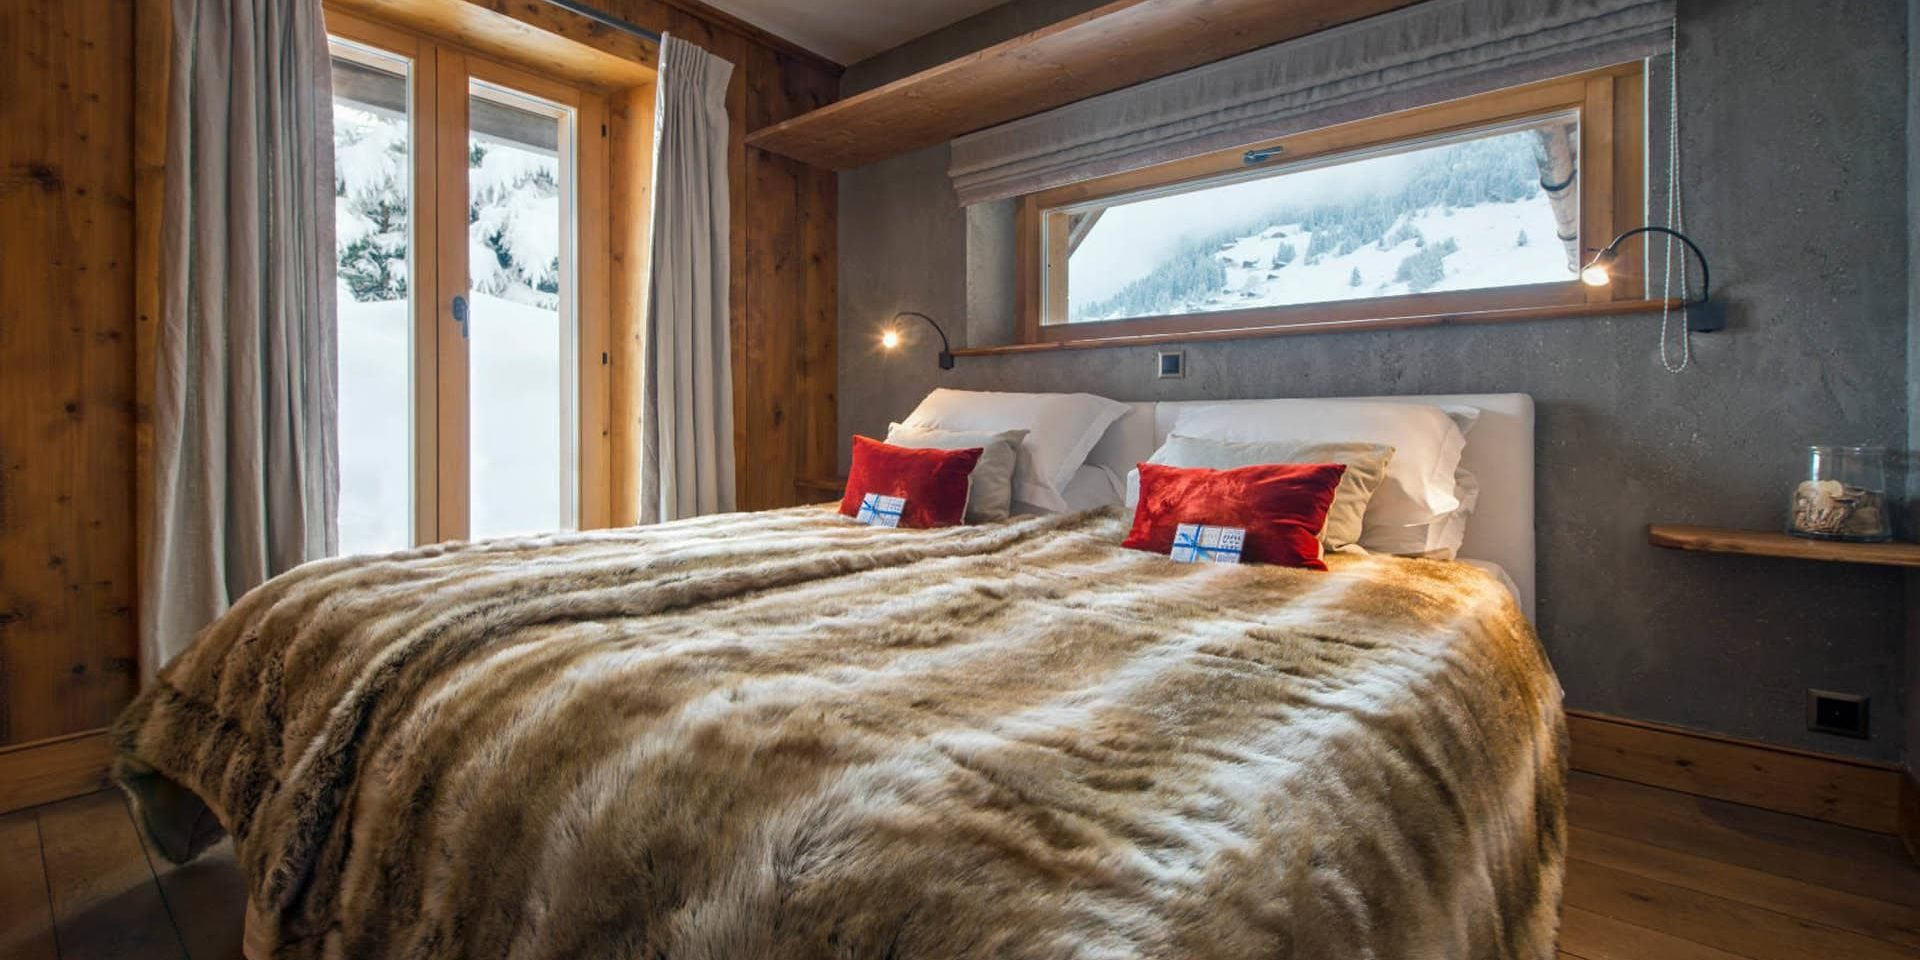 Chalet Pierre Avoi Verbier Les 4 Vallees Zwitserland wintersport skivakantie luxe slaapkamer 2-persoonsbed bedsprei rode kussens raam deur hout uitzicht sneeuw bomen